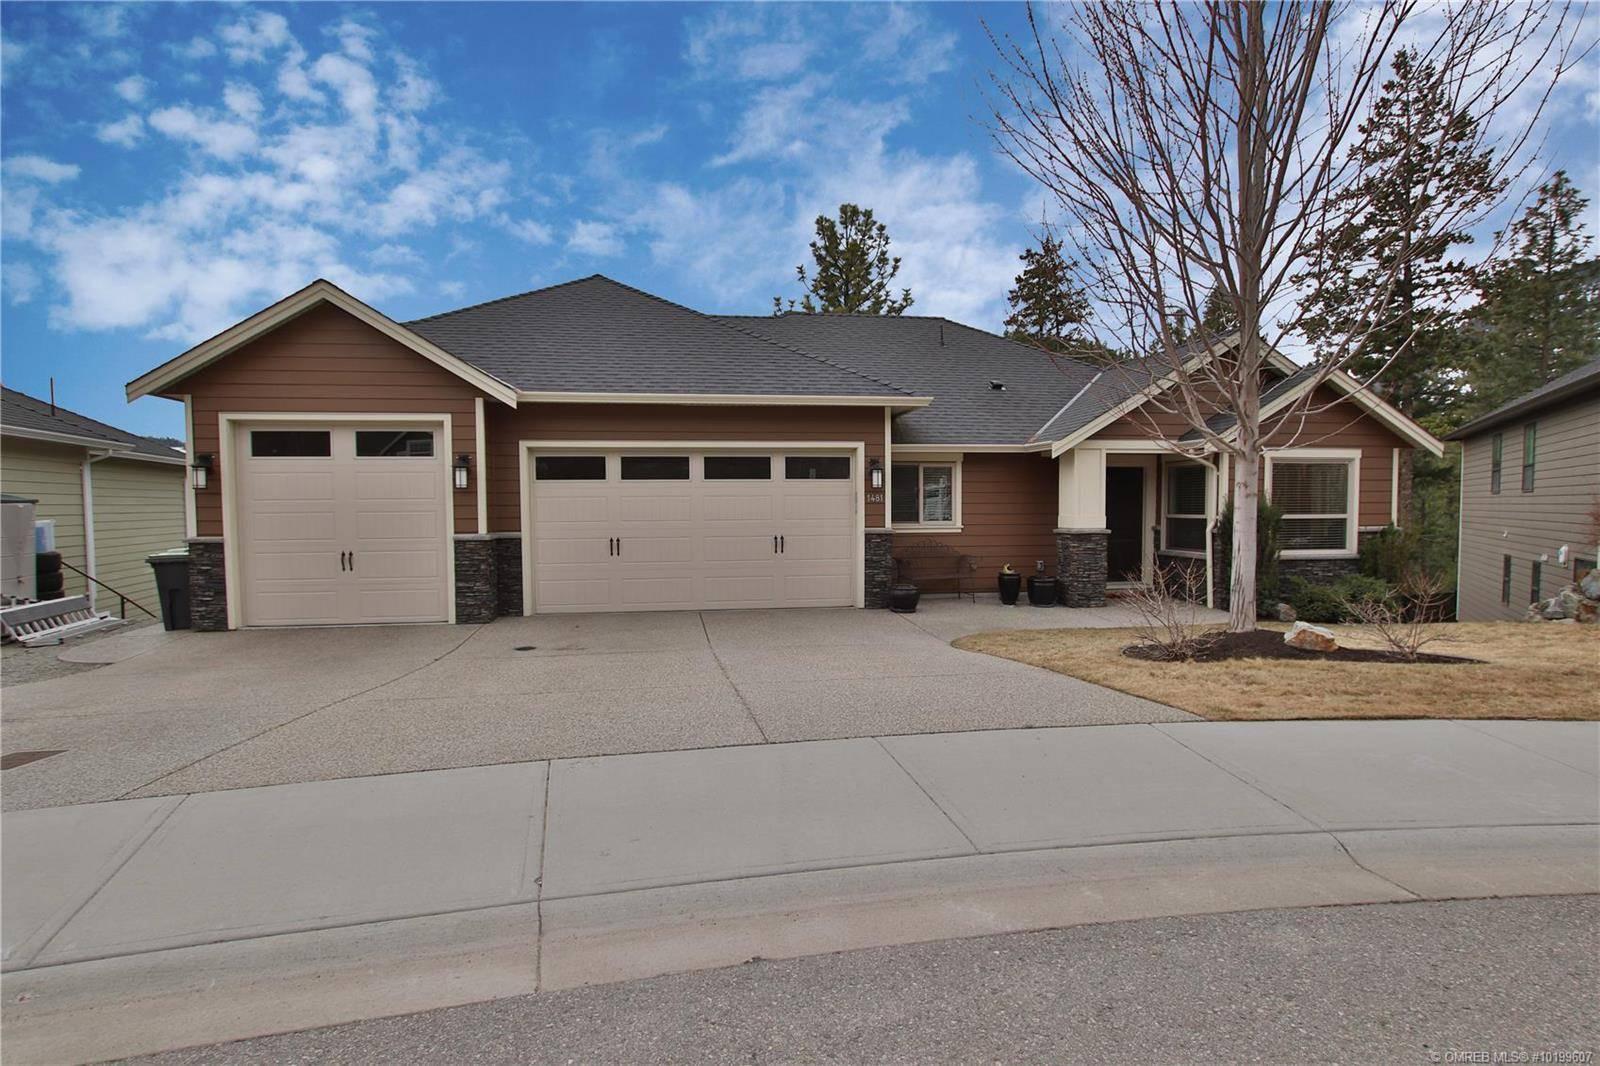 House for sale at 1481 Roseridge Ct West Kelowna British Columbia - MLS: 10199607